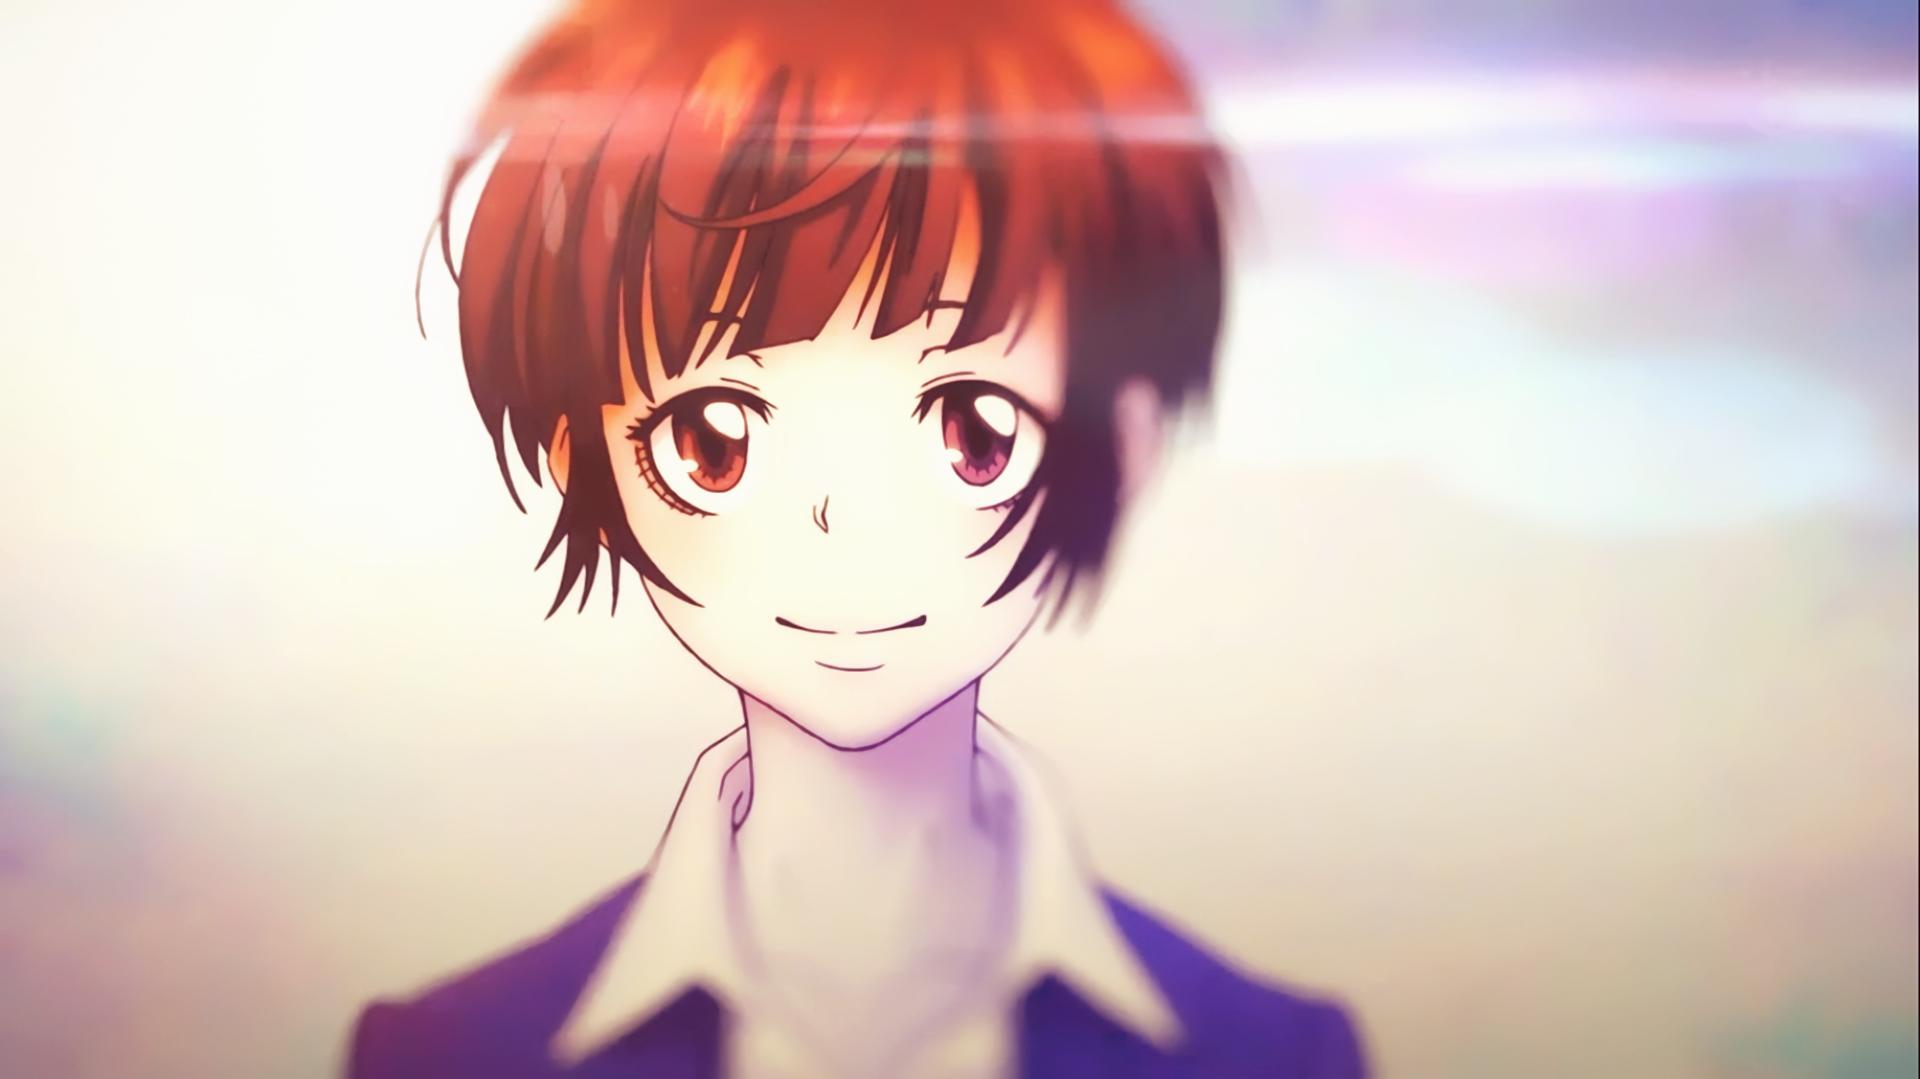 PsychoPass, anime girls, Tsunemori Akane, anime